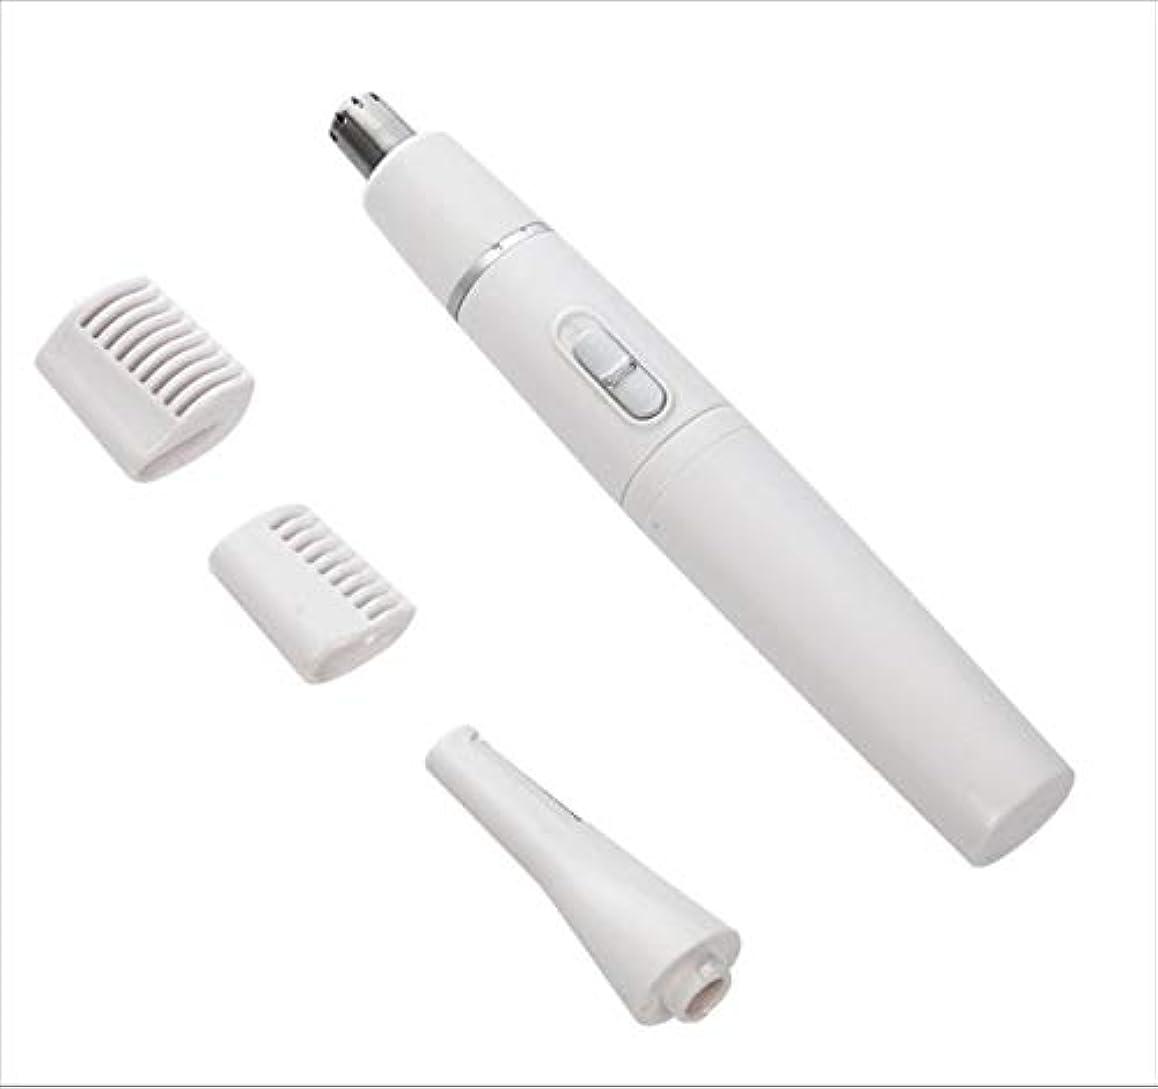 故意に会話型シンクノーズヘアトリマー-安全な最大耐久性ステンレススチール/眉毛、ノーズヘアなどのトリミングが簡単/持ち運びが簡単/ 13.5 * 1CM 操作が簡単